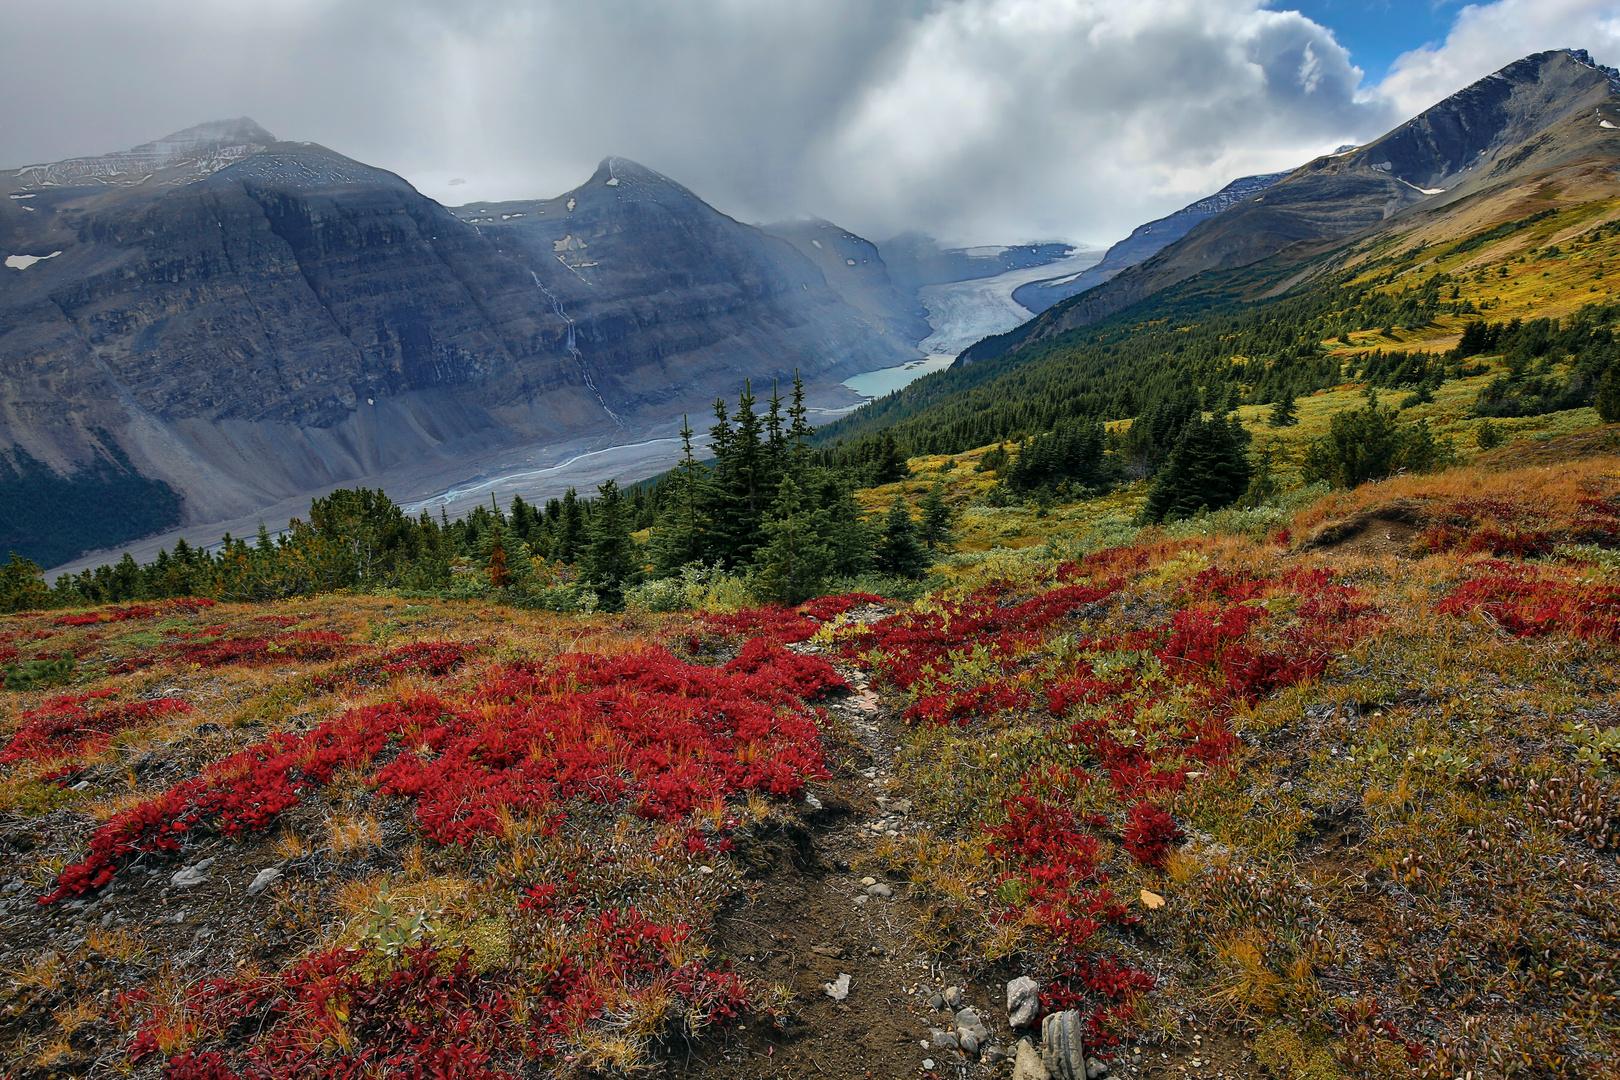 Herbst in den Rockies